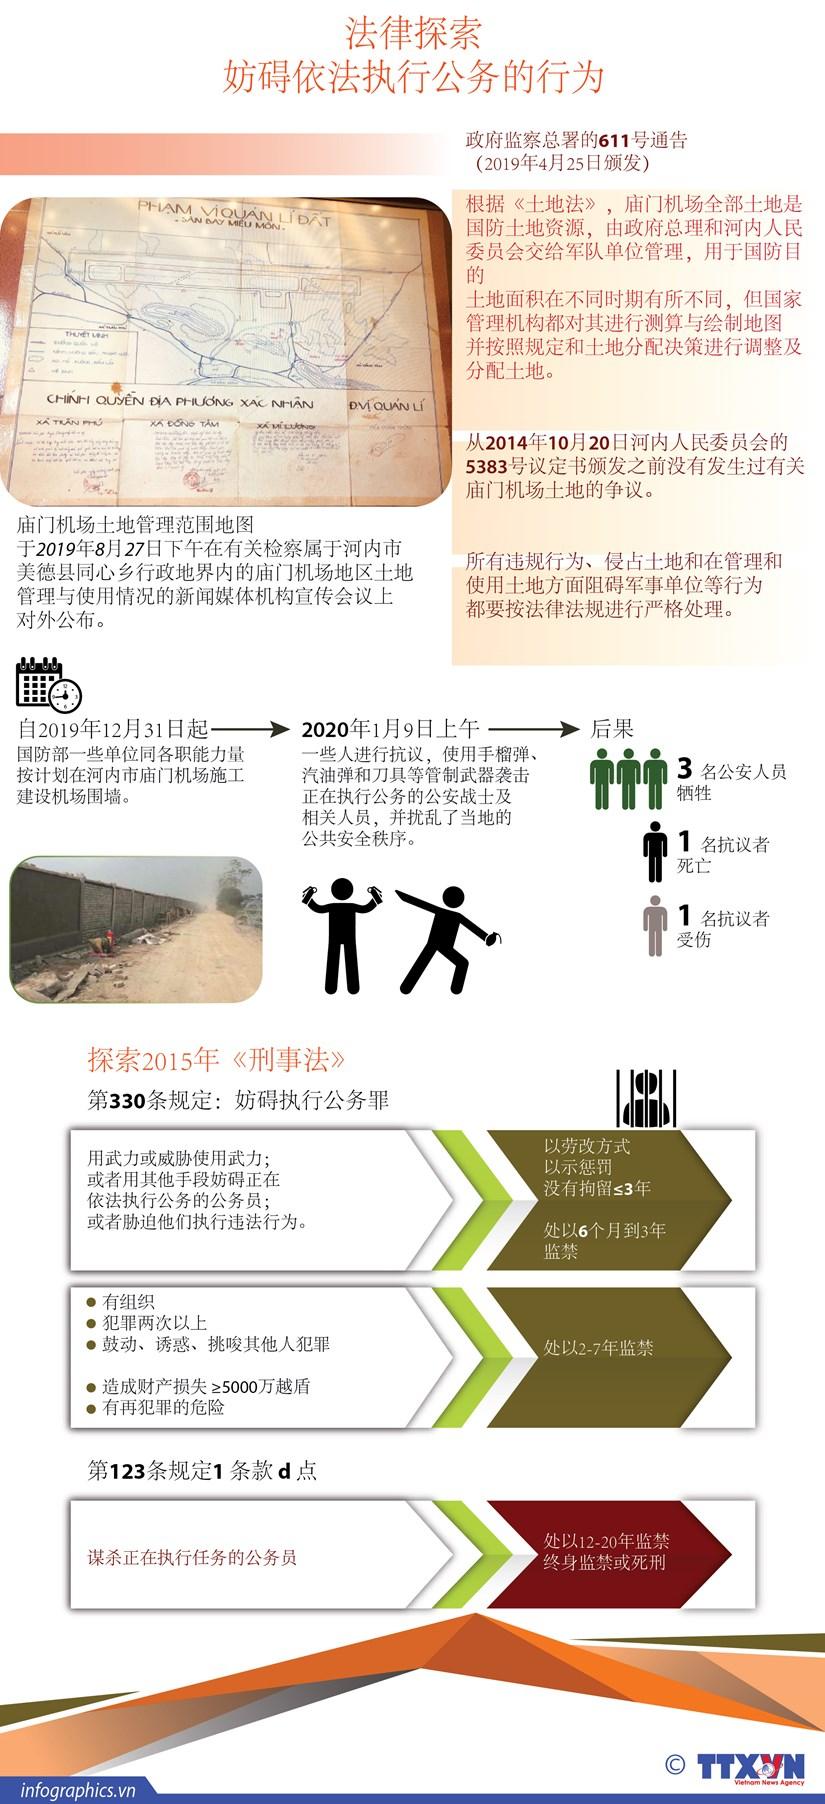 图表新闻:法律探索:妨碍依法执行公务的行为 hinh anh 1